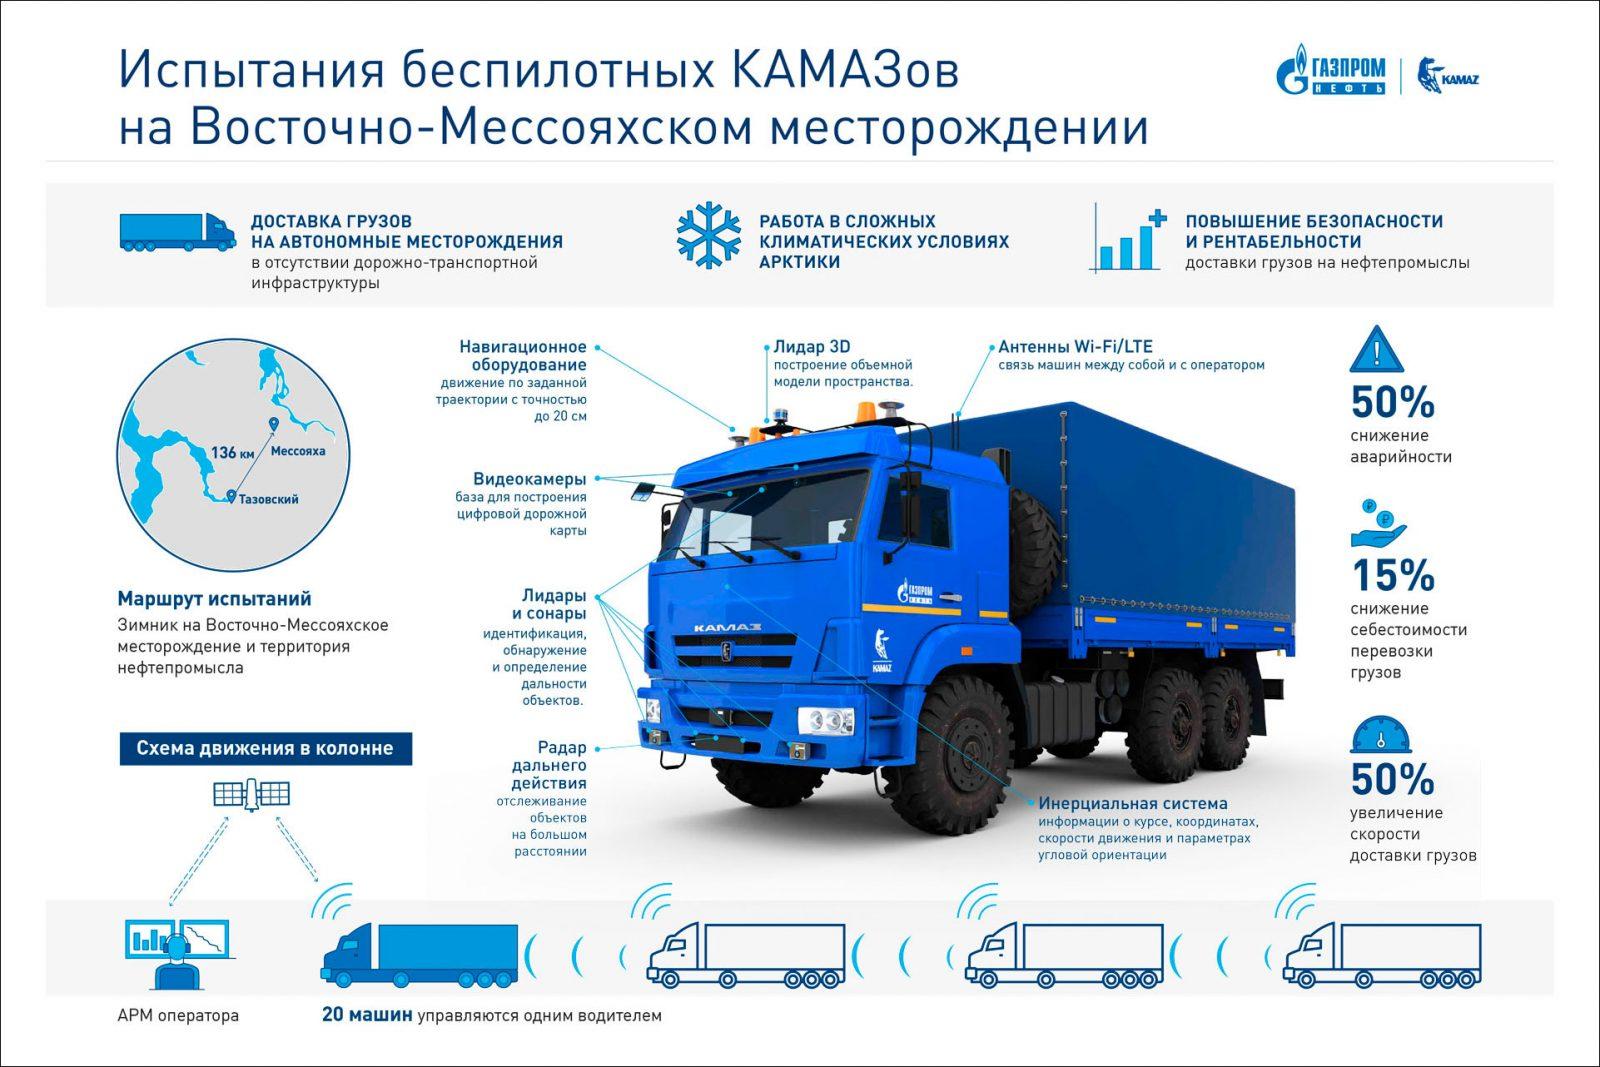 КамАЗ успешно испытал беспилотные грузовики в Арктике